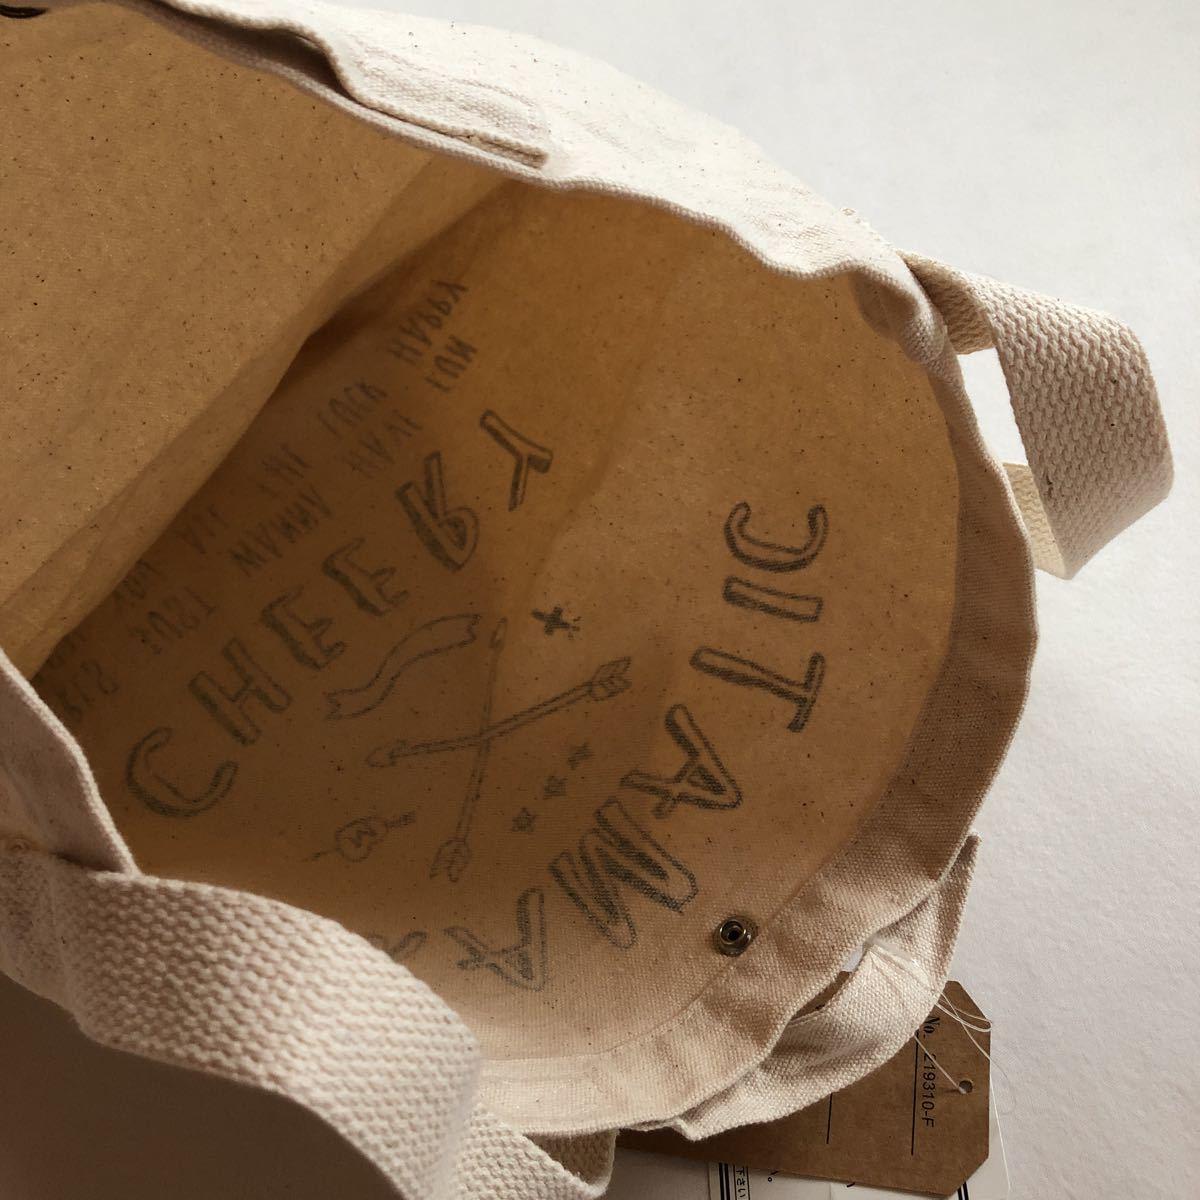 トートバッグ 肩掛けバッグ 鞄 バック かばん 新品 コットン カントリー sospita カバン エコバッグ 福袋もの _画像4